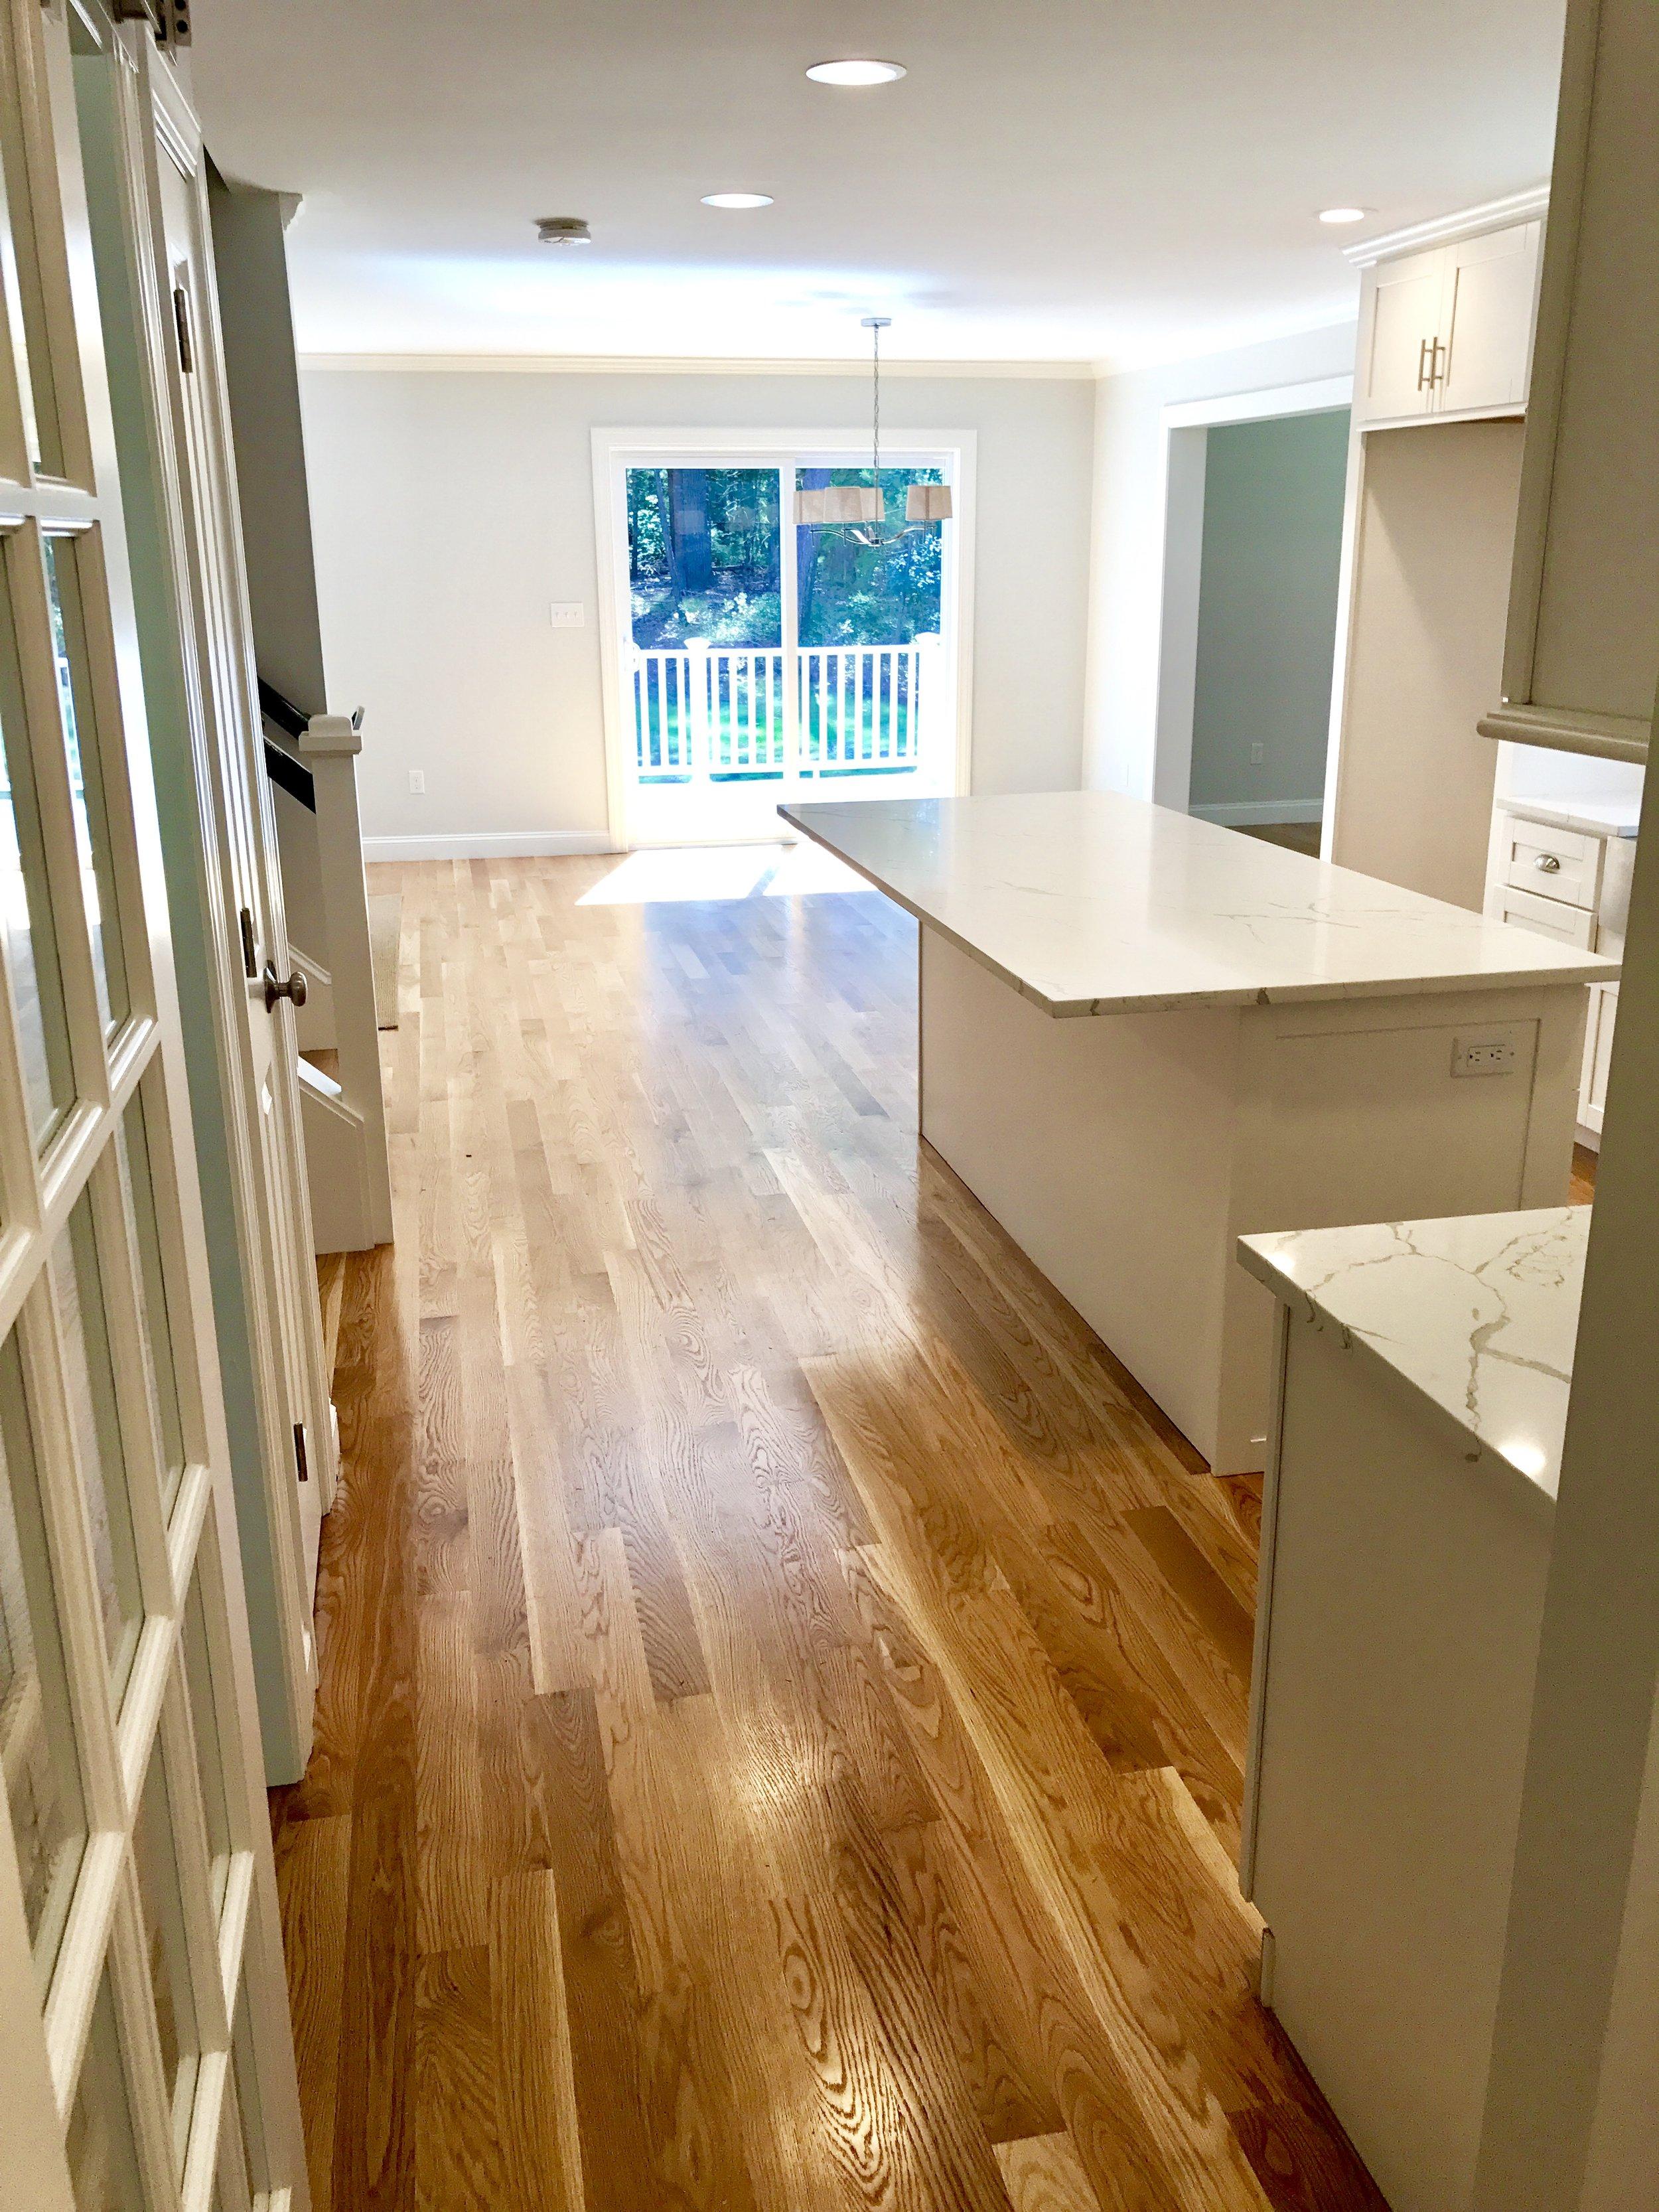 35 laurel kitchen hall 9-5-18.jpg